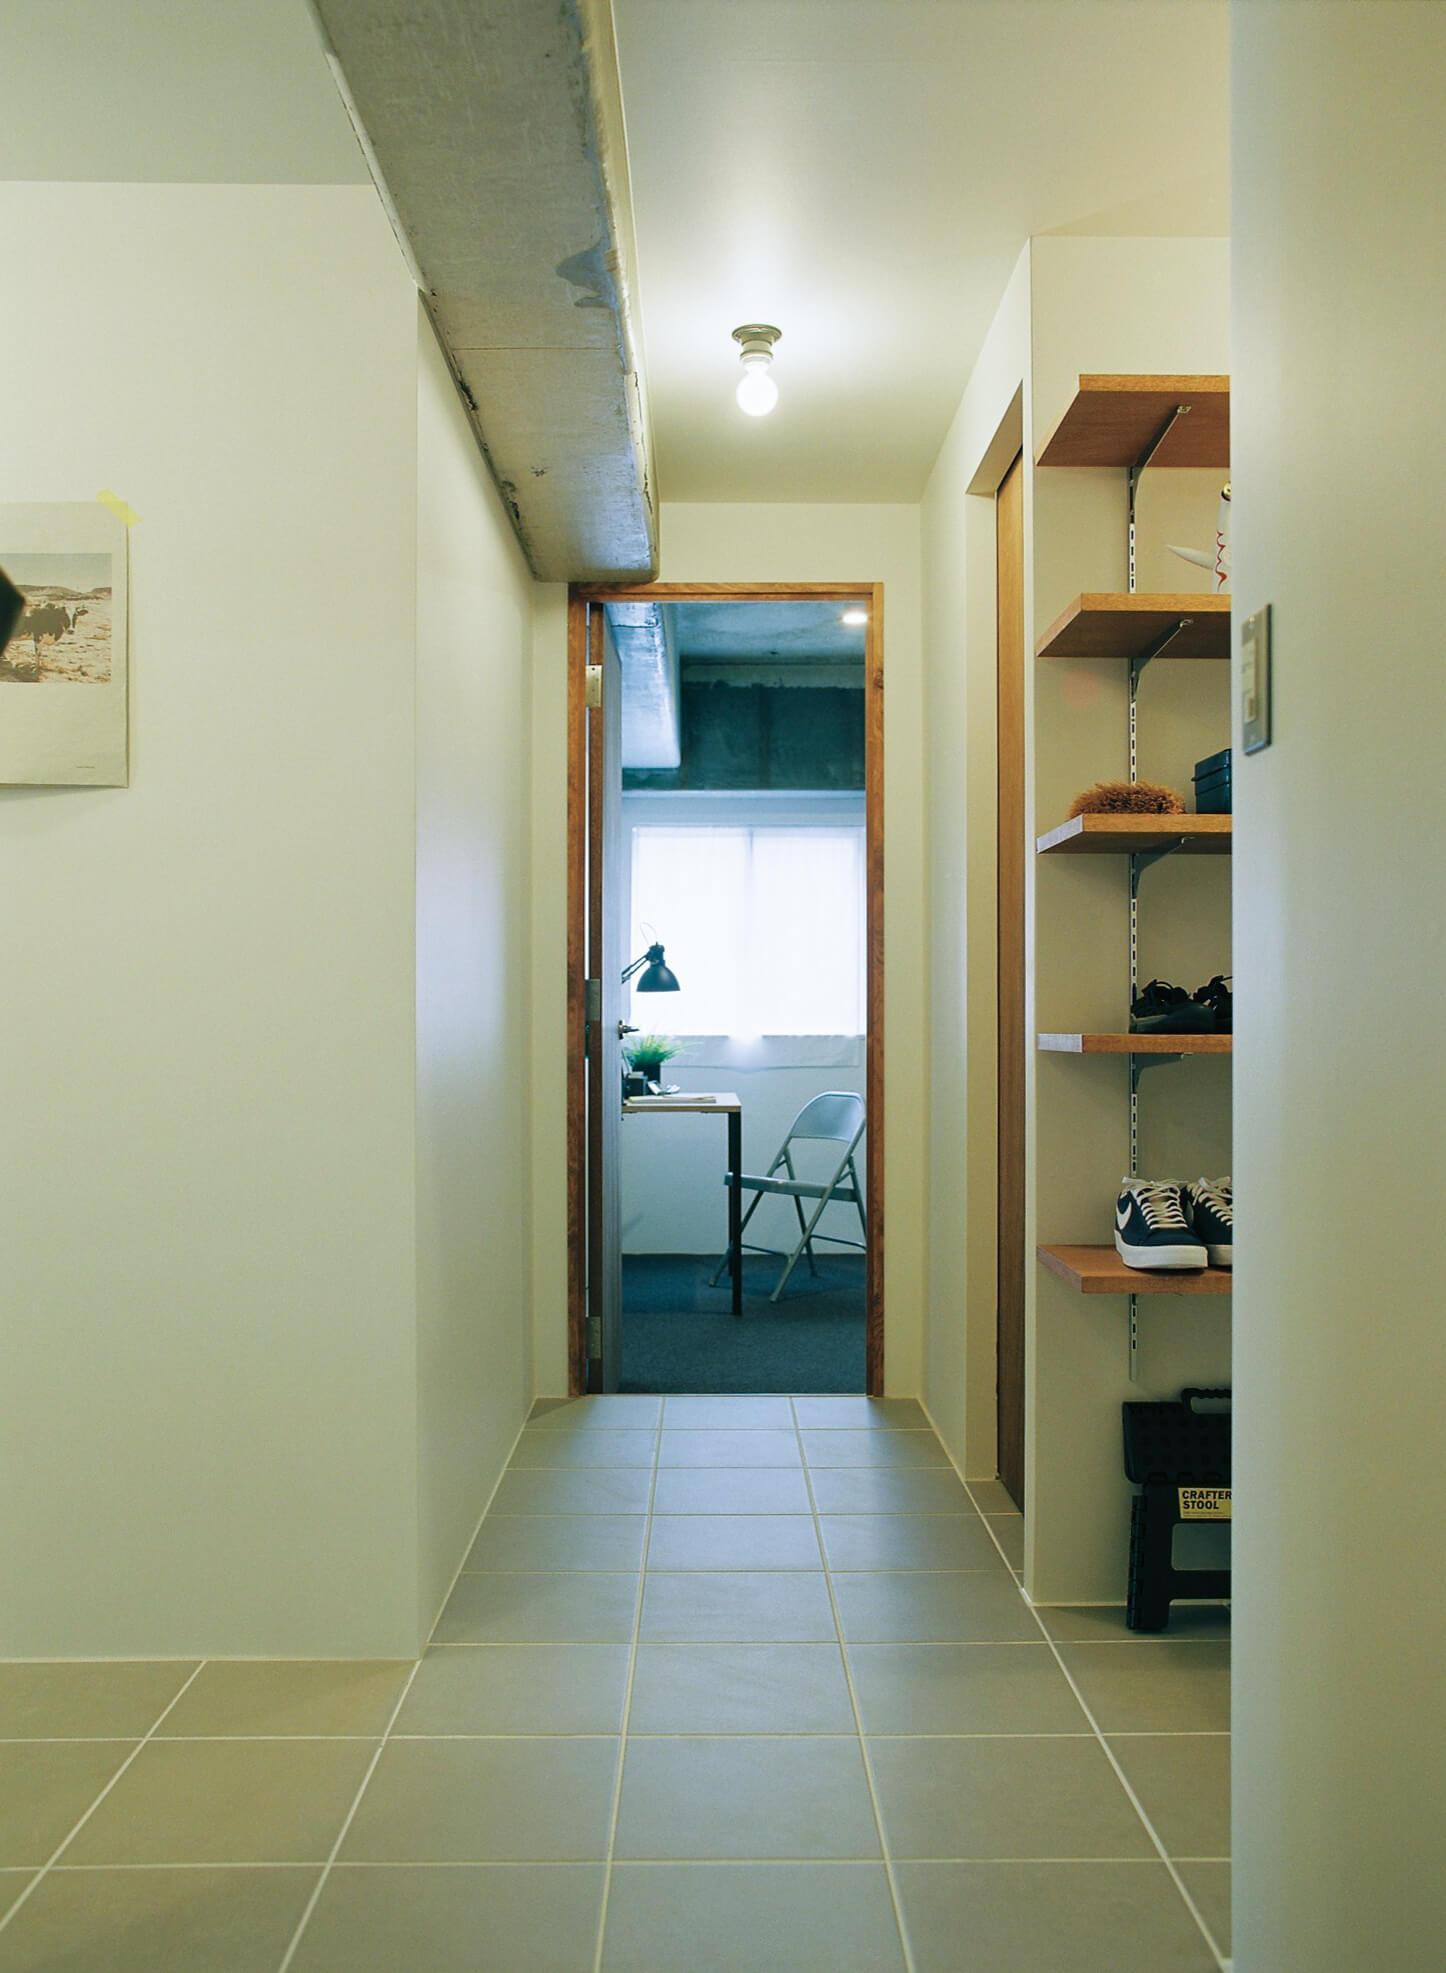 廊下と水廻りの床は磁器質タイル仕上げ。